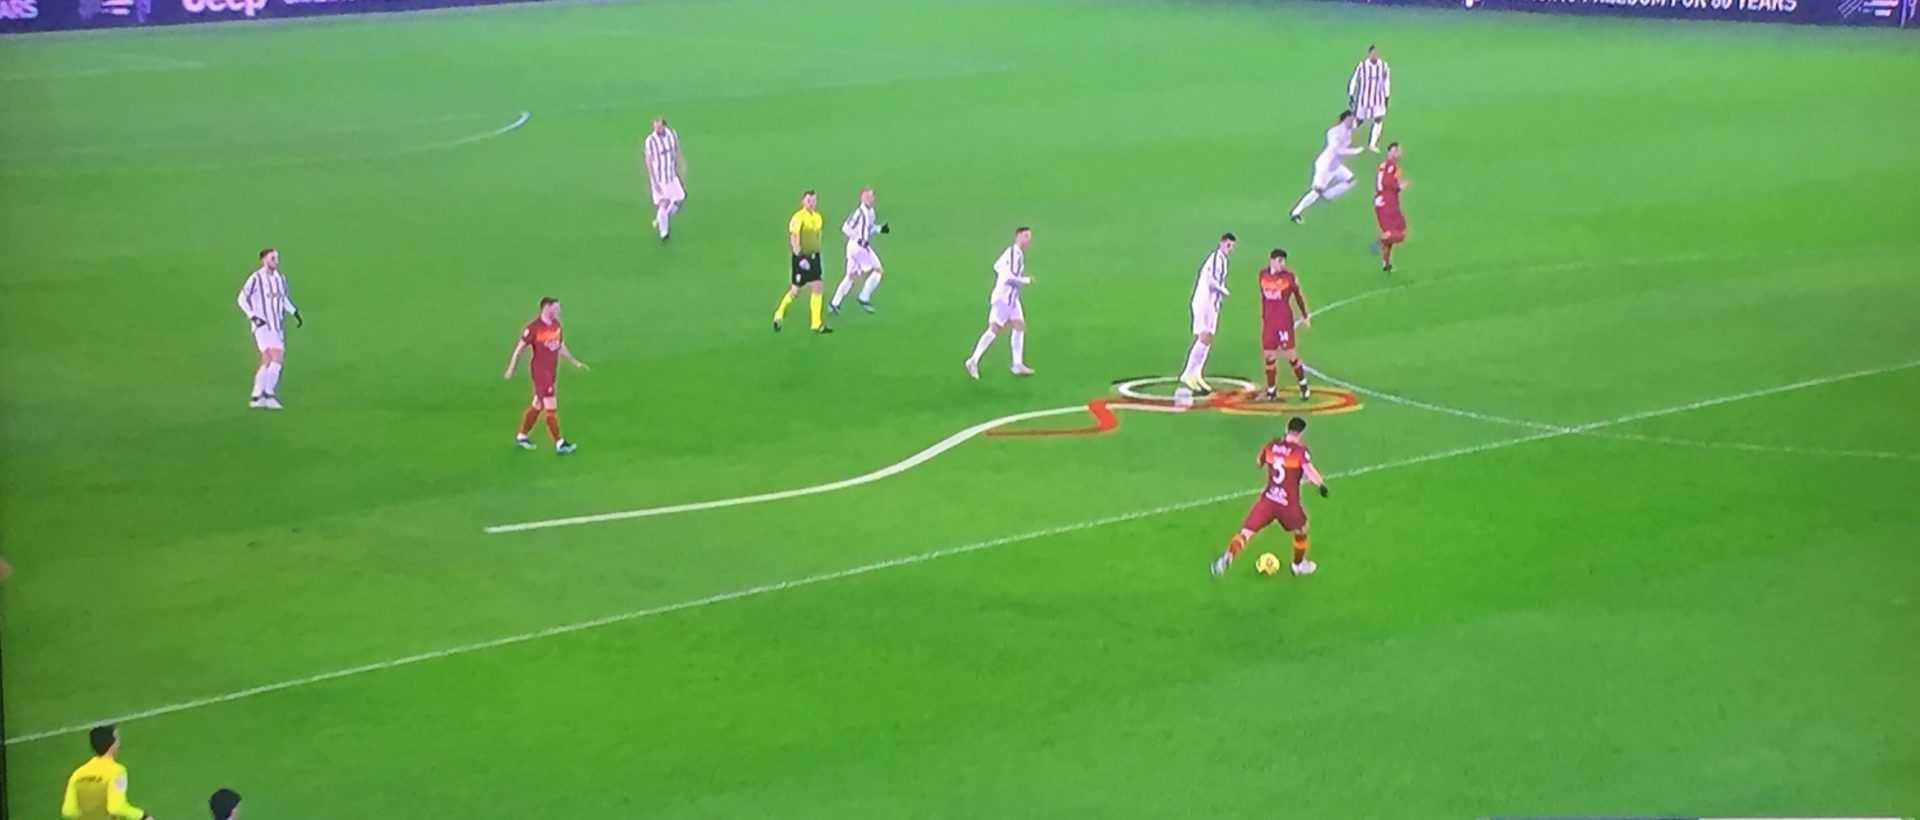 Juventus-Roma (2-0): analisi tattica e considerazioni